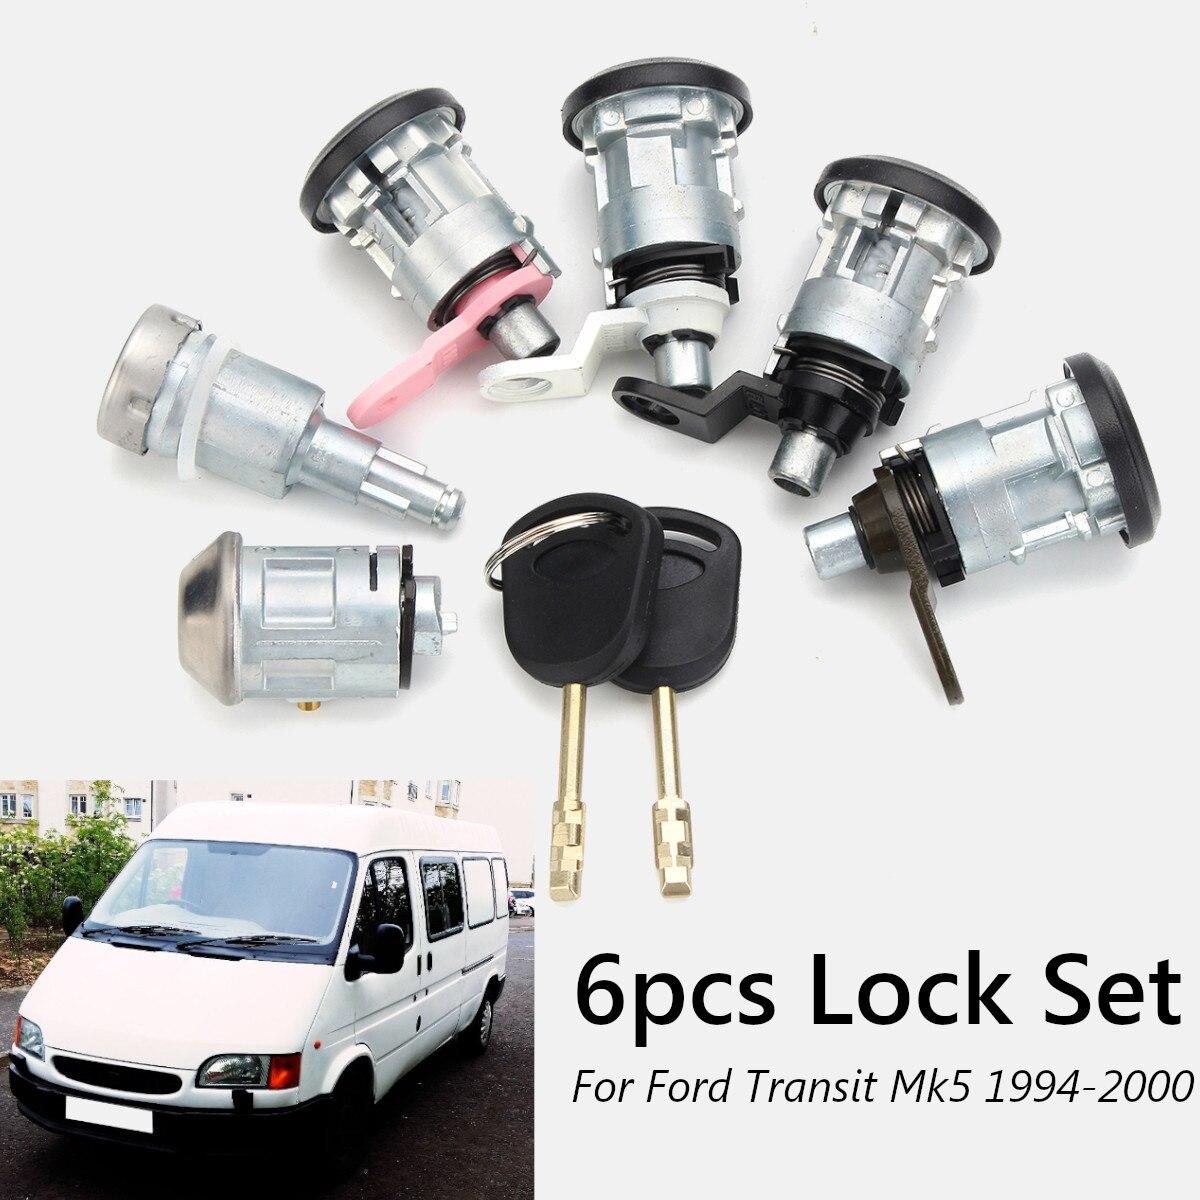 6Pcs Volle Links Rechts Lock Set Vorn Hinten Tür Zündung w/2 Schlüssel Für Ford Transit Mk5 1994 -2000